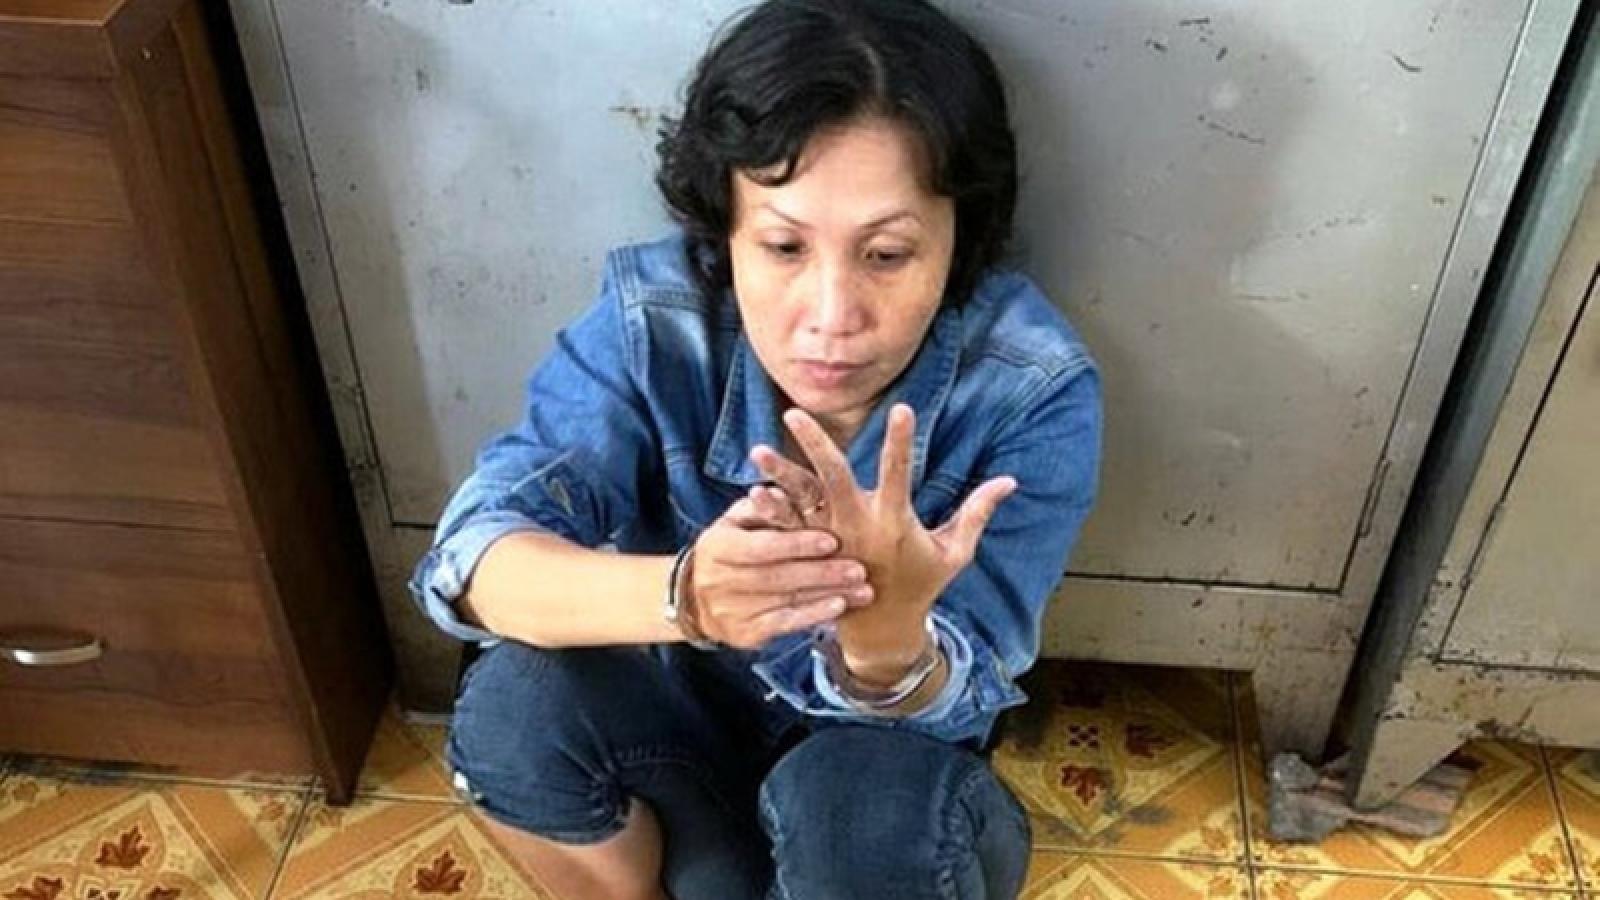 Người phụ nữ xúi giục bé trai trộm đồ của bà cụ bán hàng vỉa hè đã bị bắt giữ